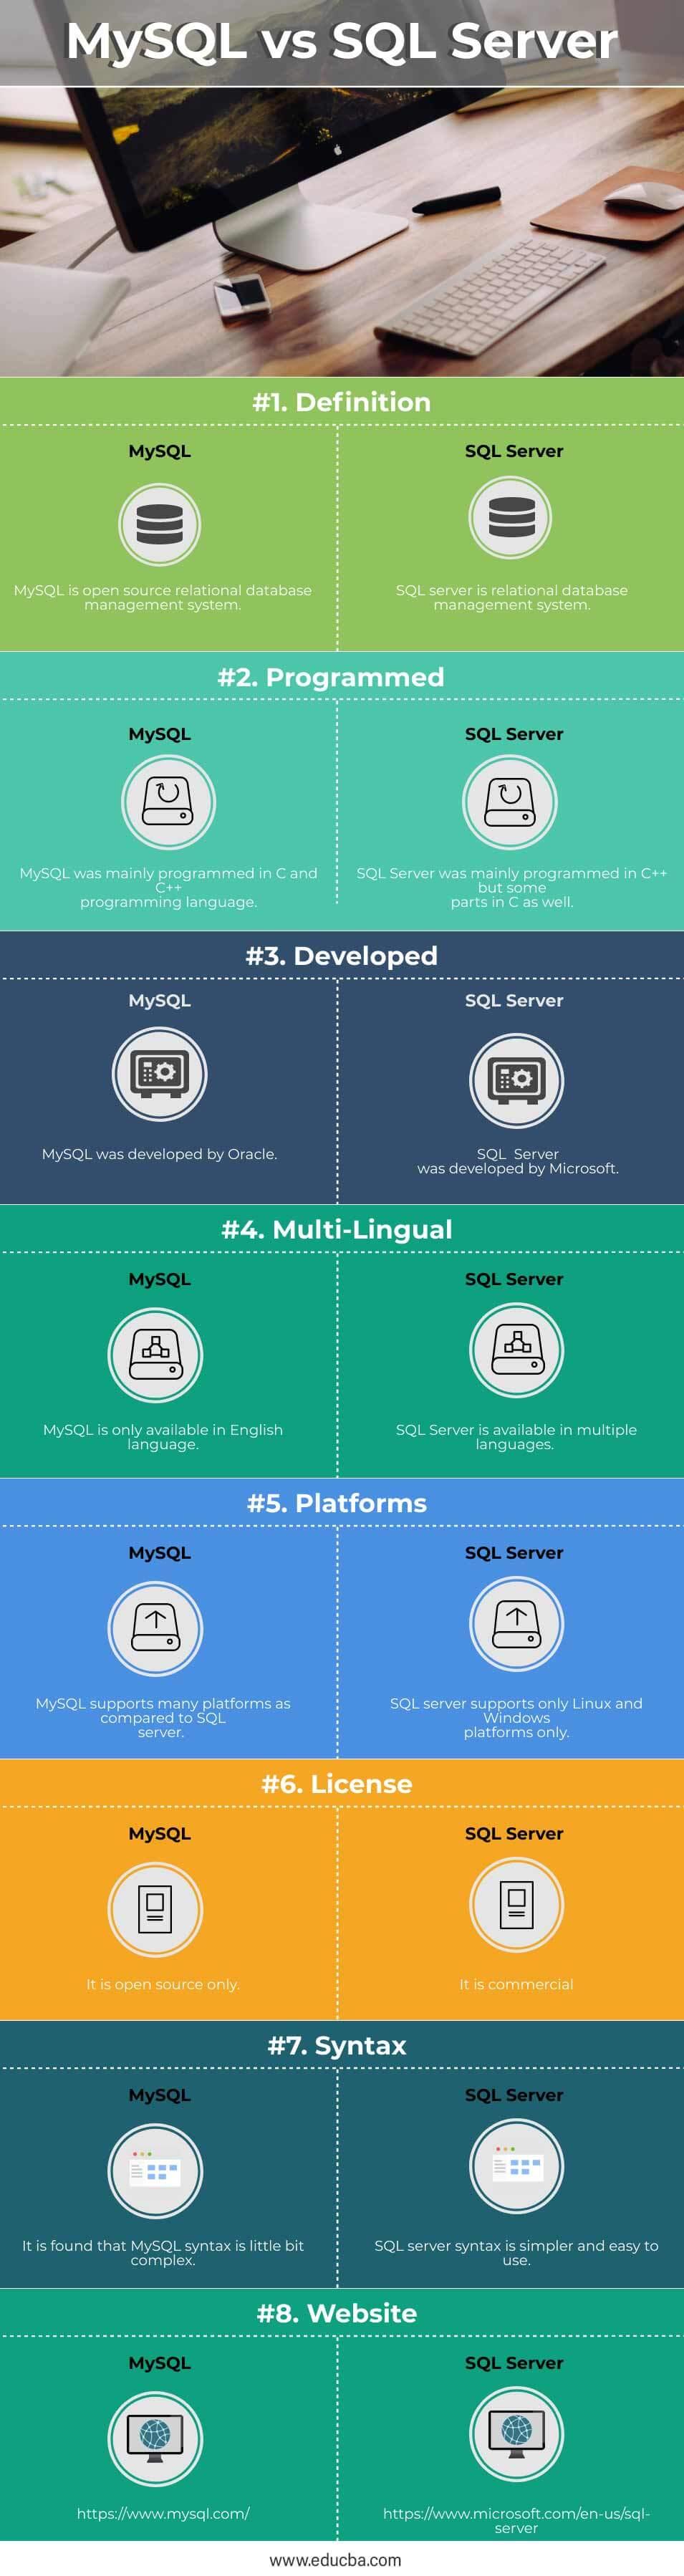 MySQL-vs-SQL-Server-info